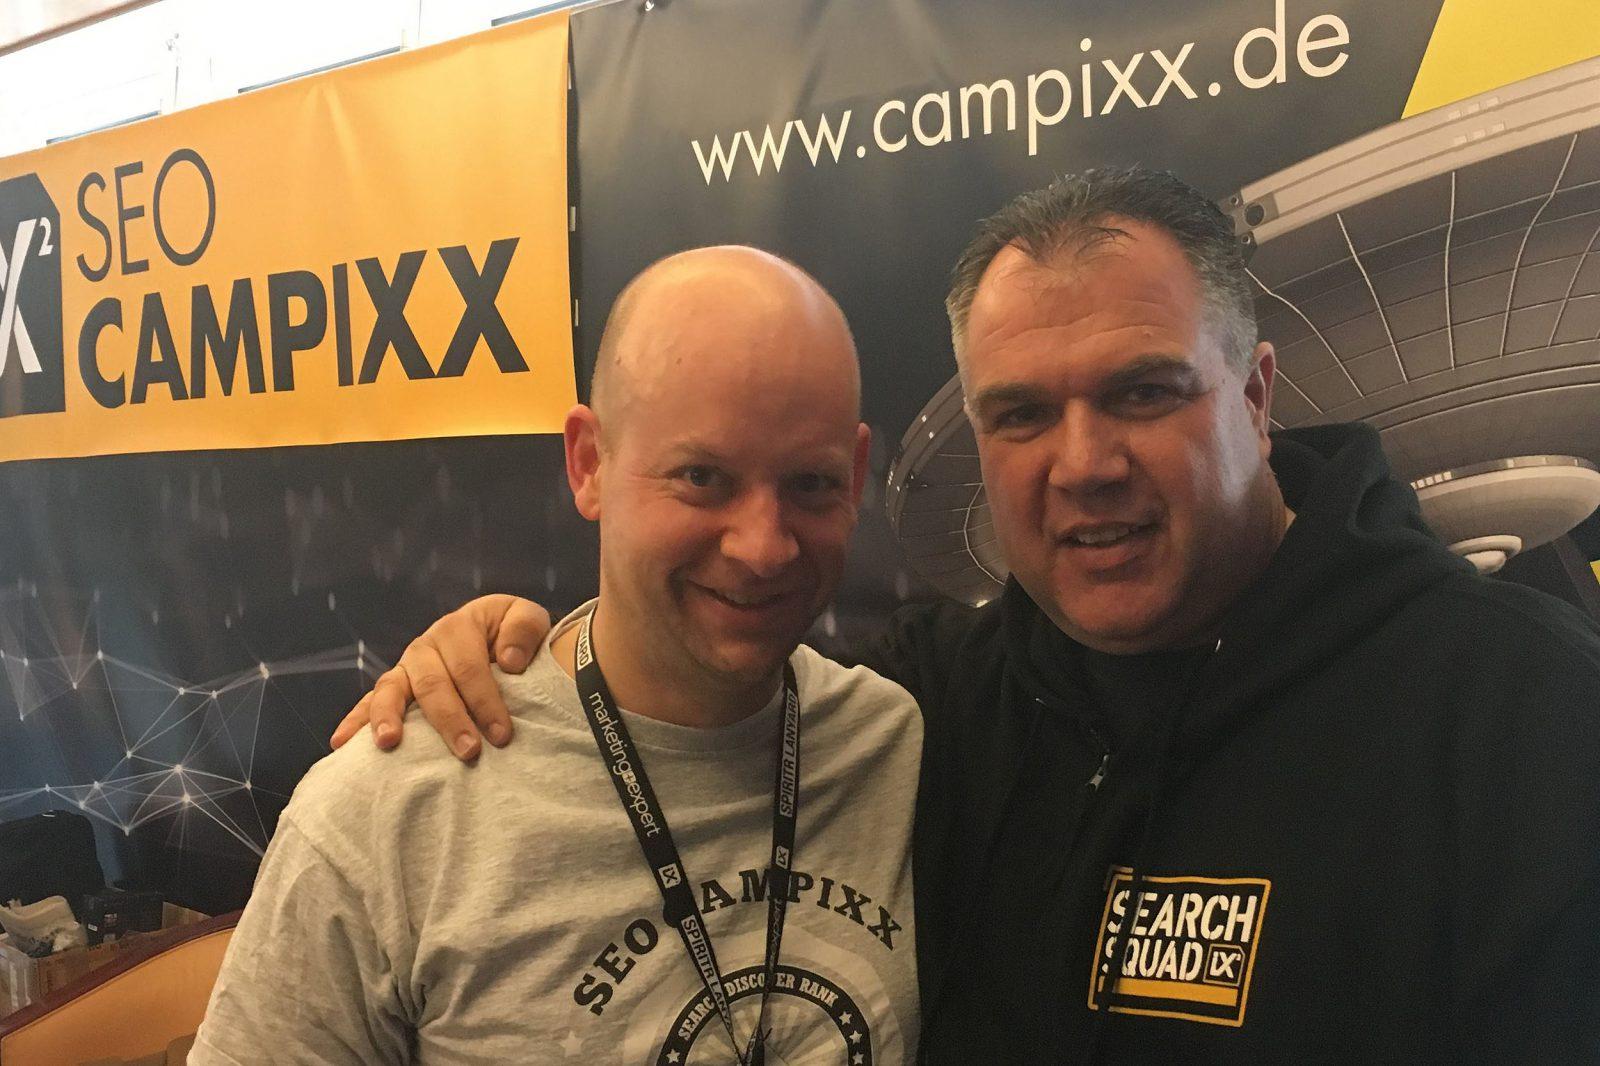 campixx contentixx 2018 recap